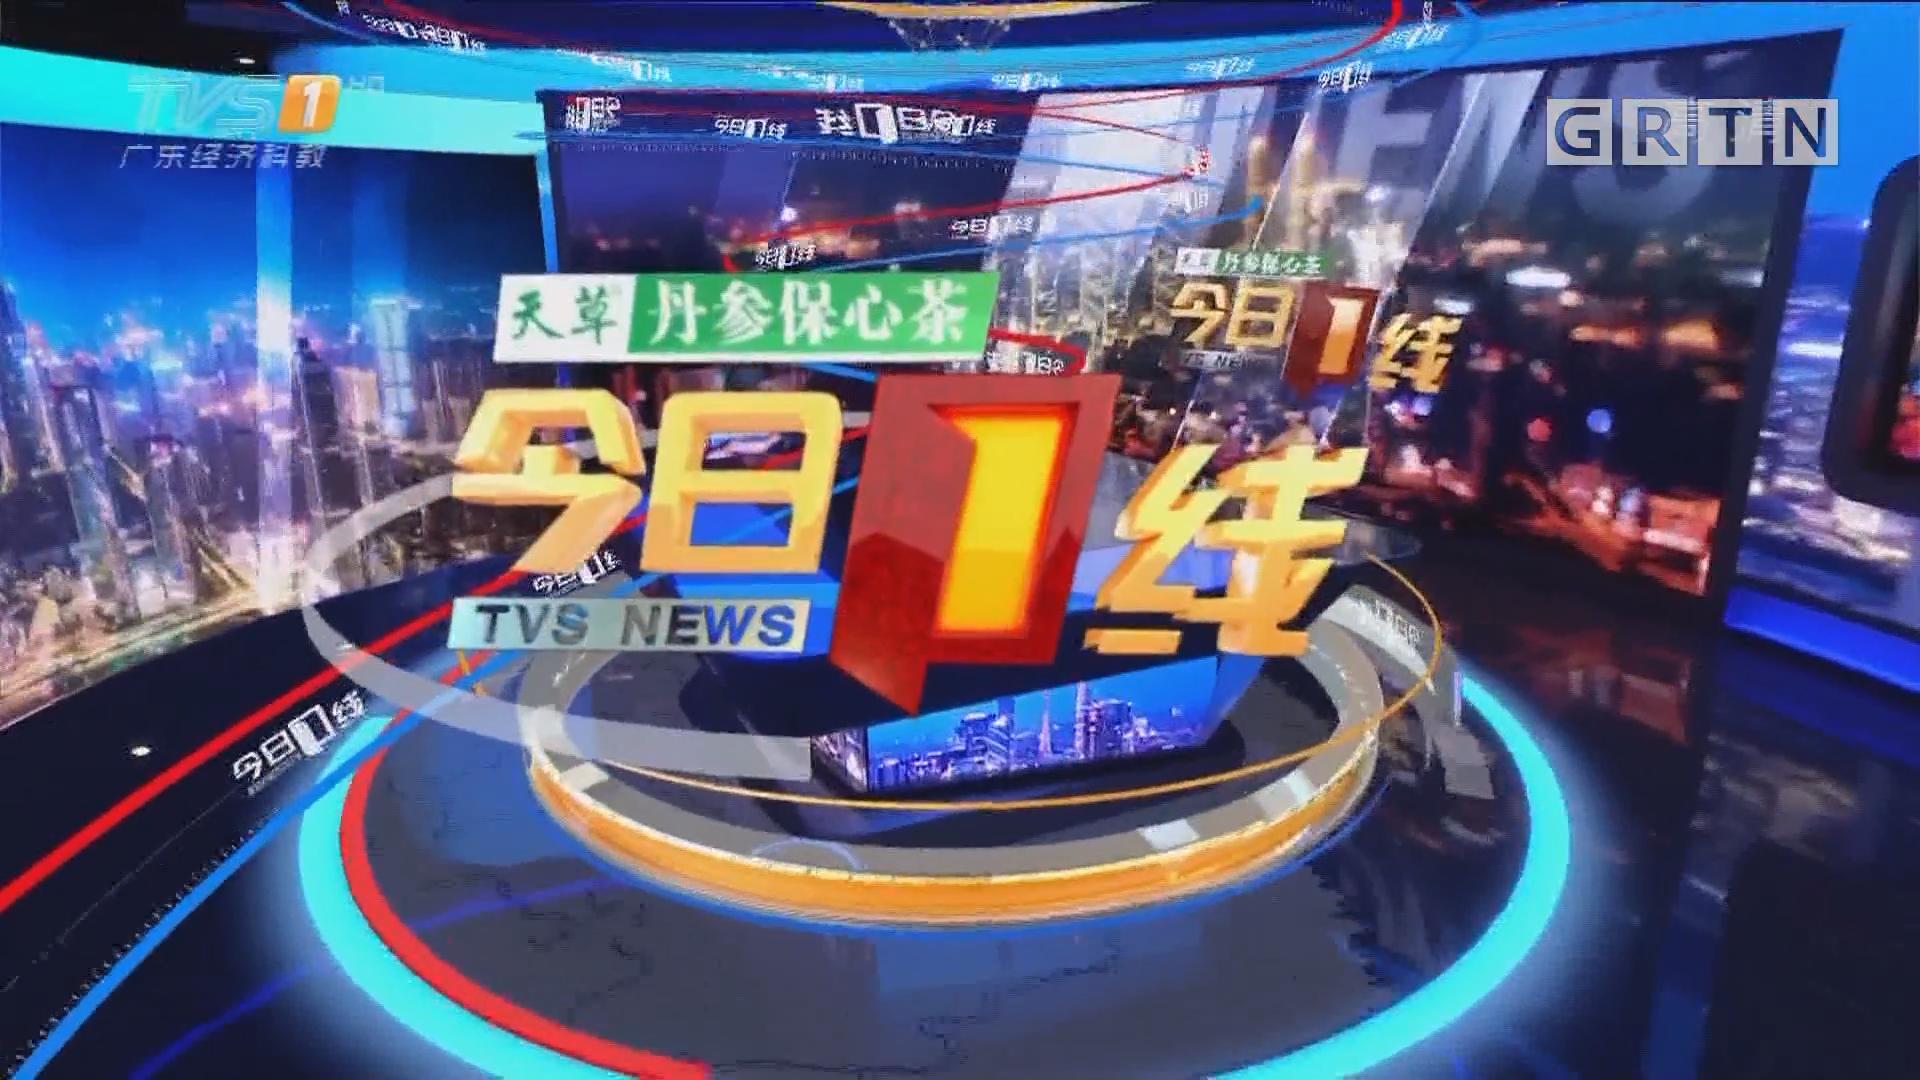 [HD][2019-04-15]今日一线:佛山三水:房屋疑遭雷击 楼顶砖头瞬间掉落